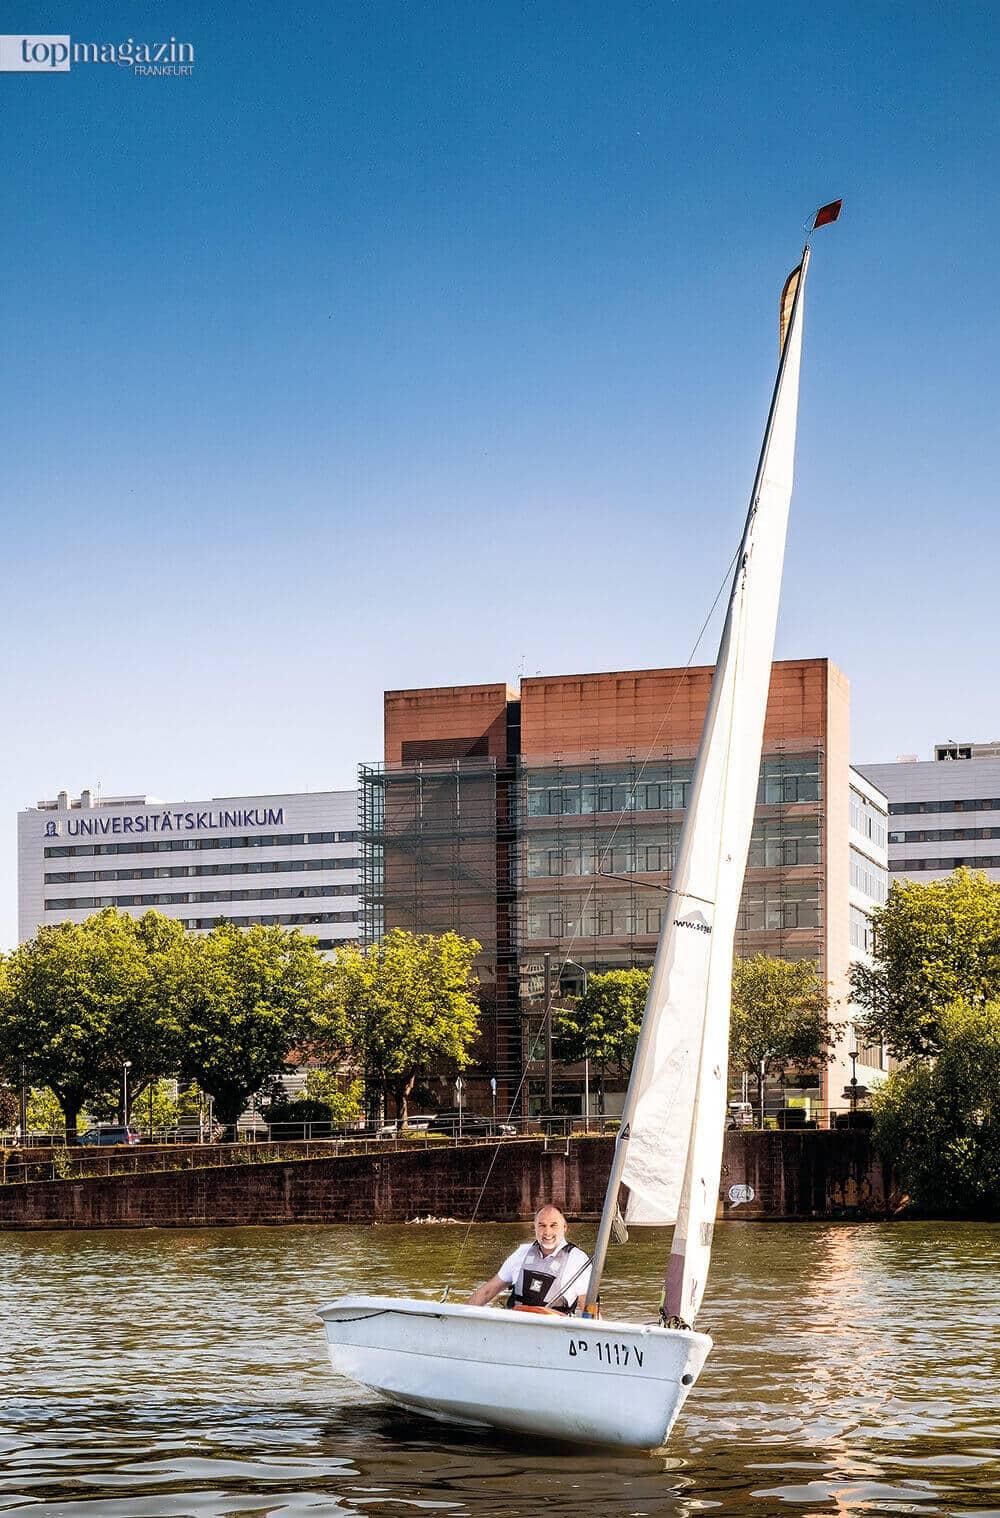 Eckhard Mikulski segelt gerne vor der Uniklinik.